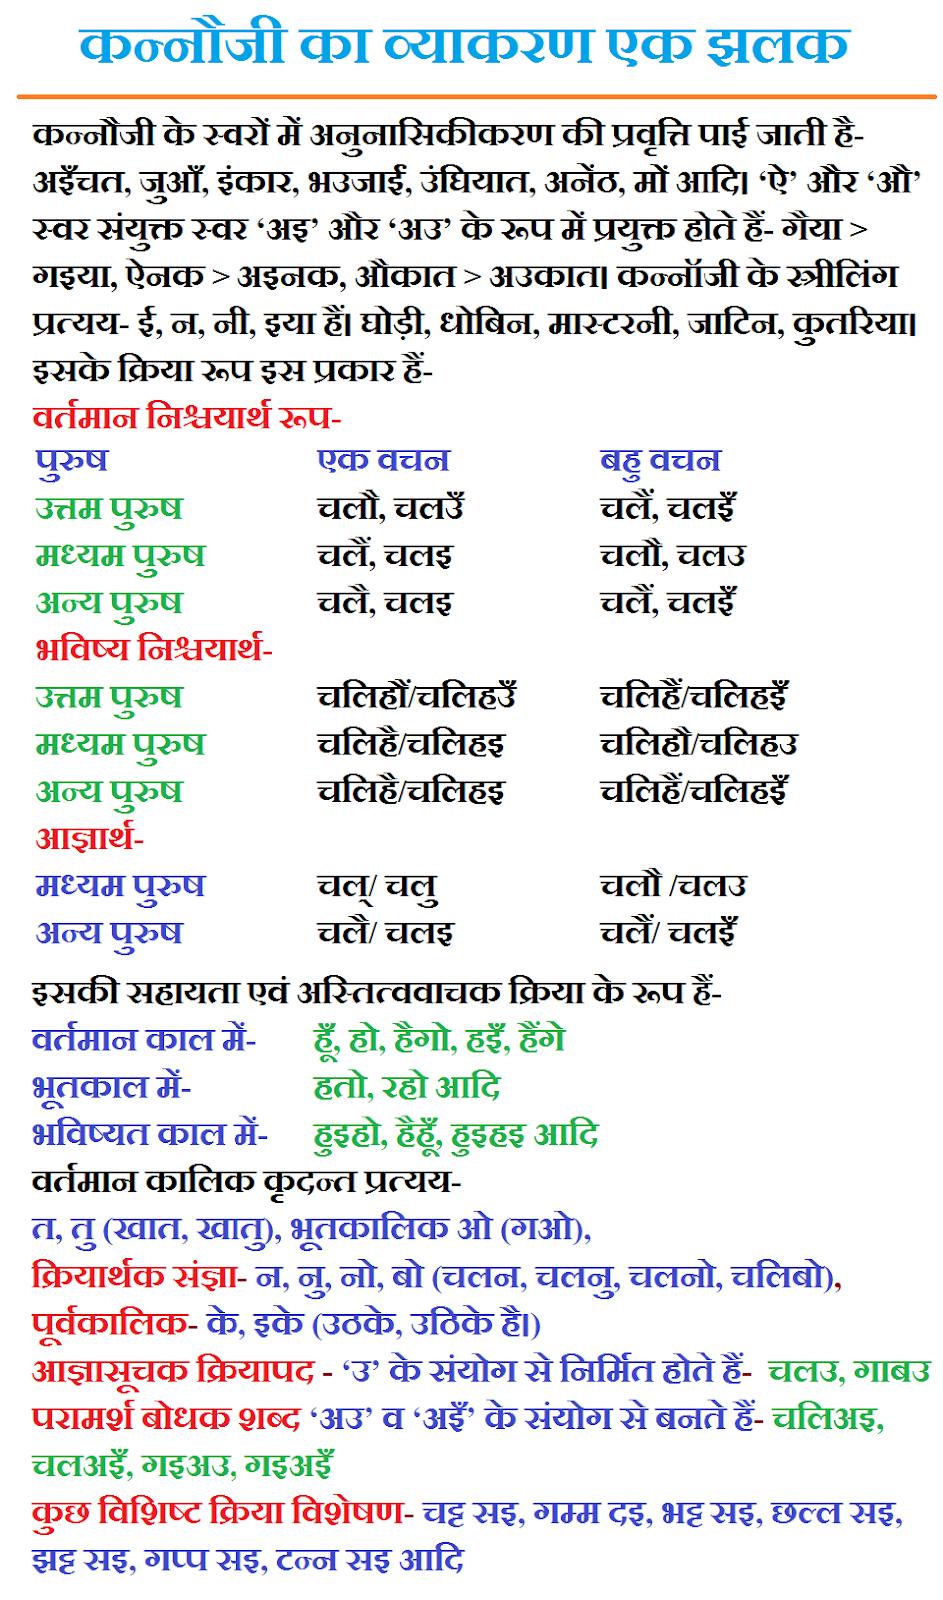 Kanauji bhasha boli - Kannauji language - Kannauj